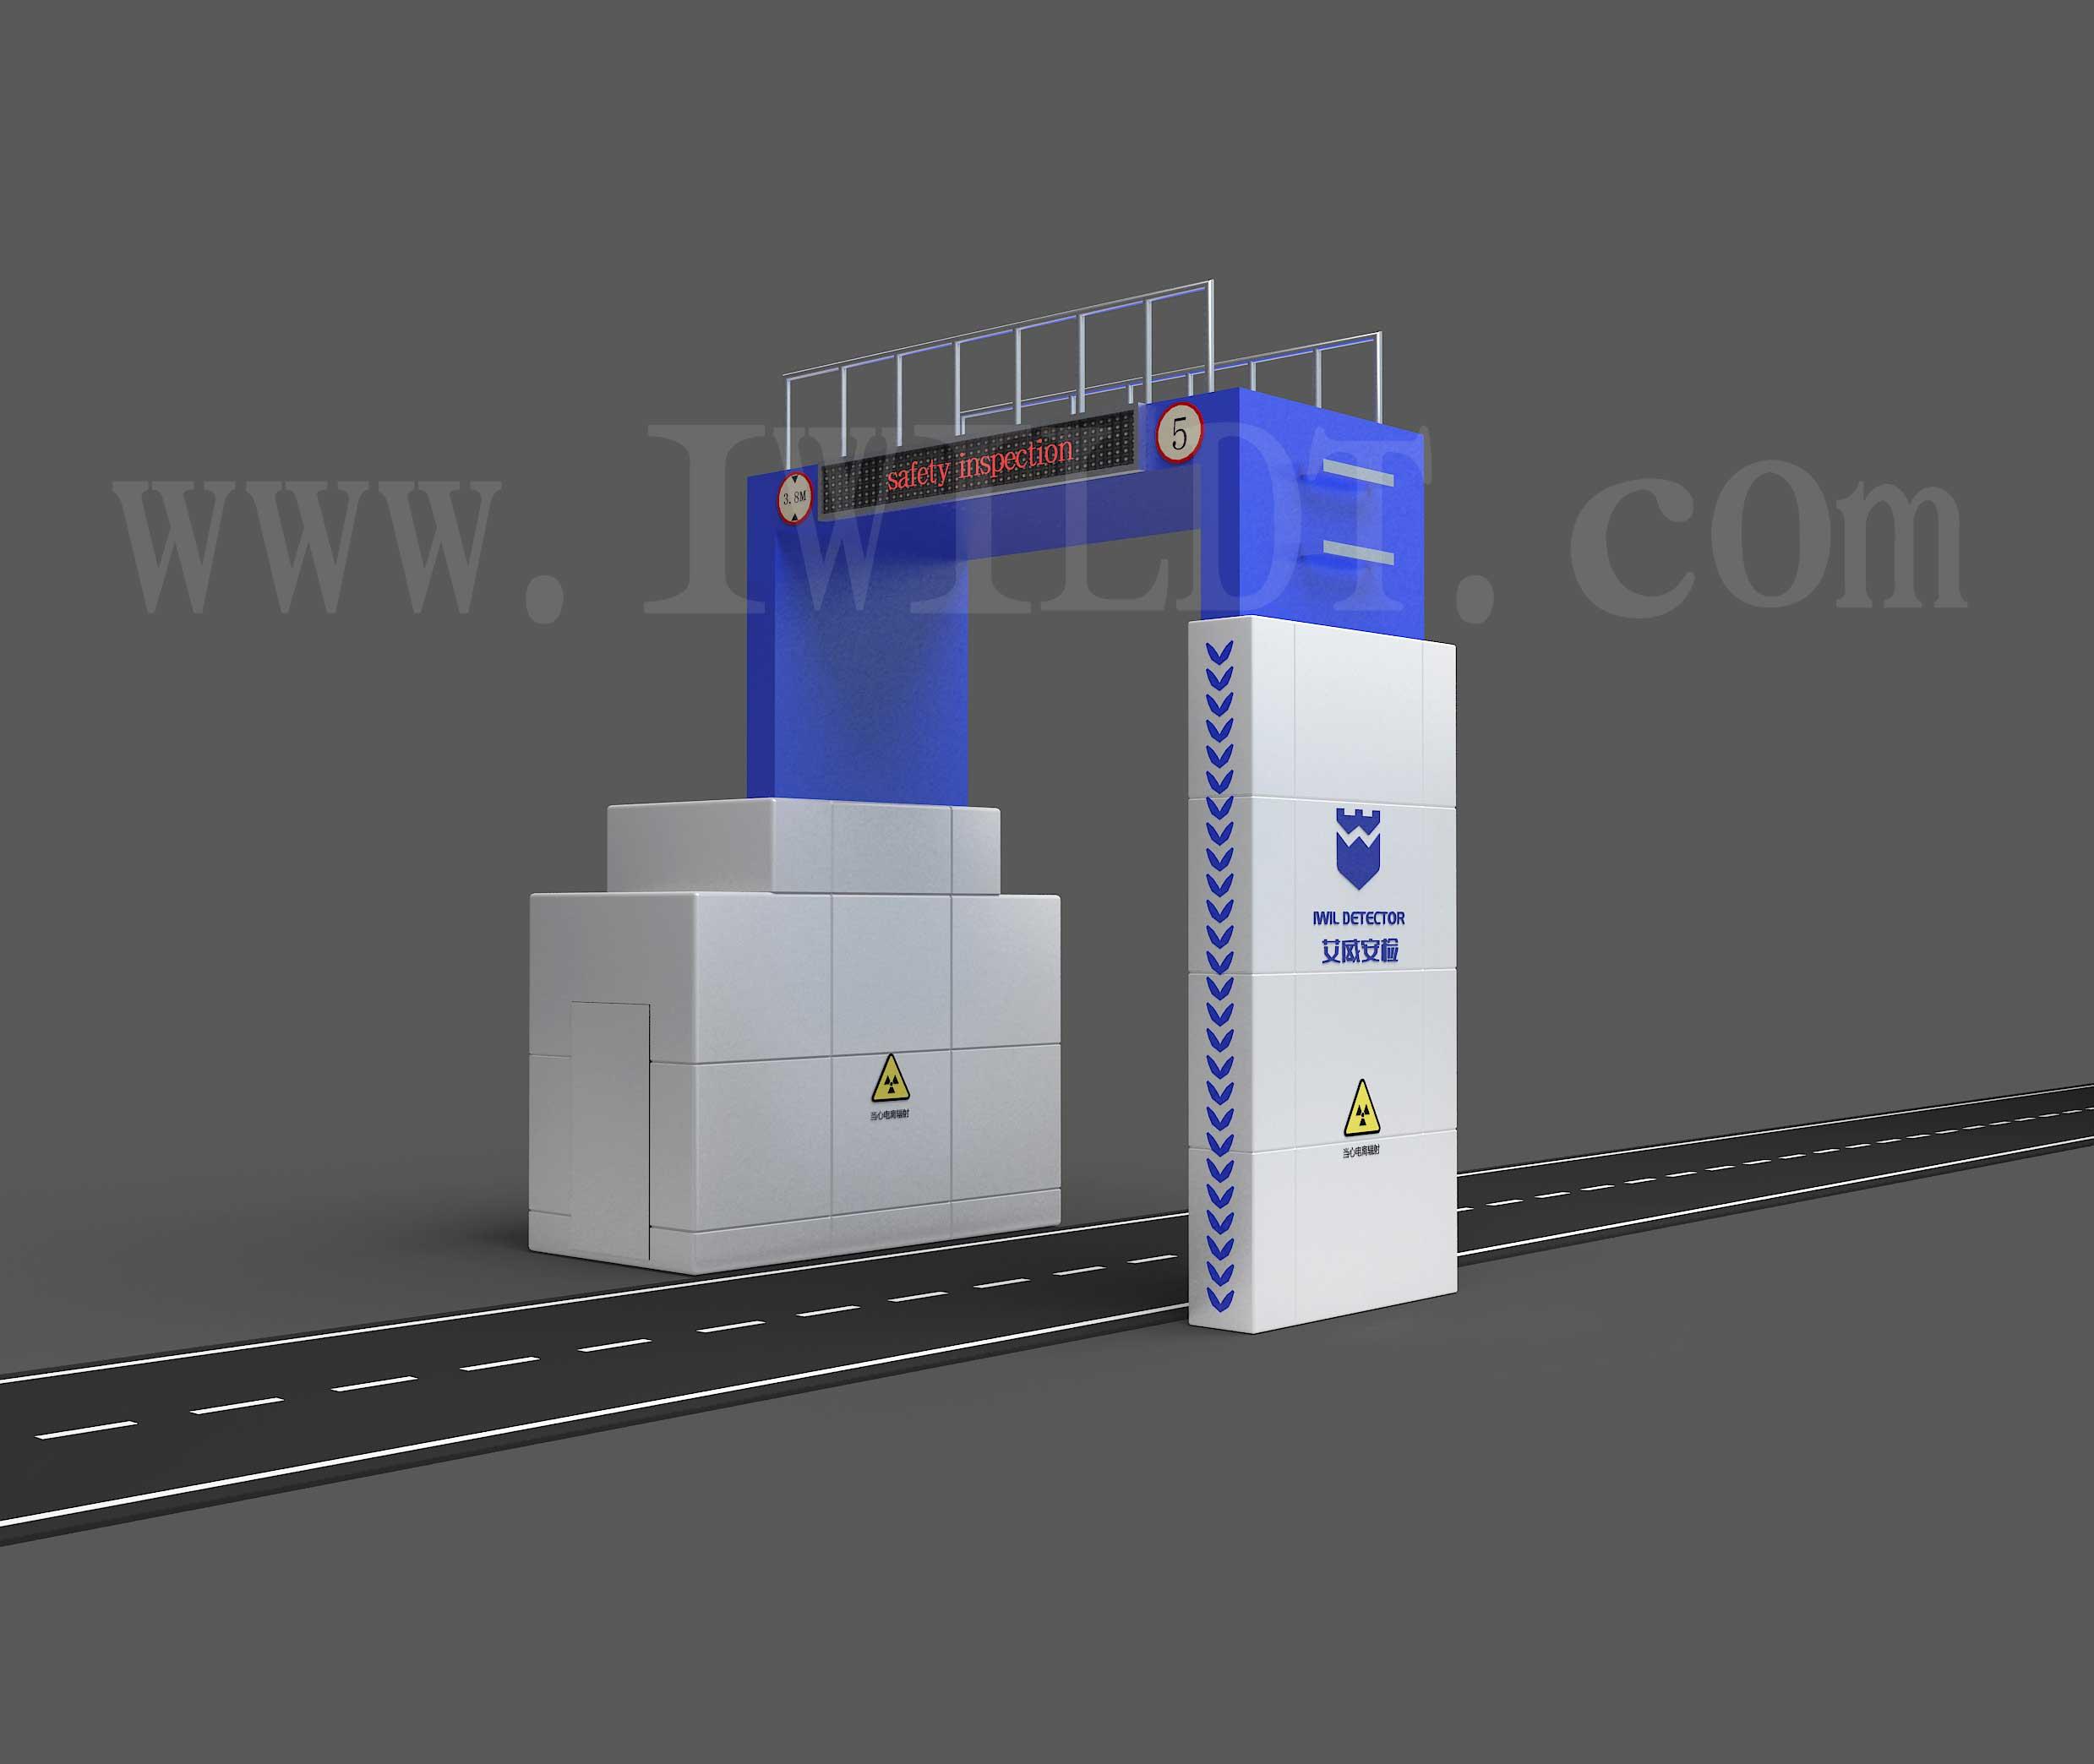 IWILDT-AN48002800艾崴大型货车安检机